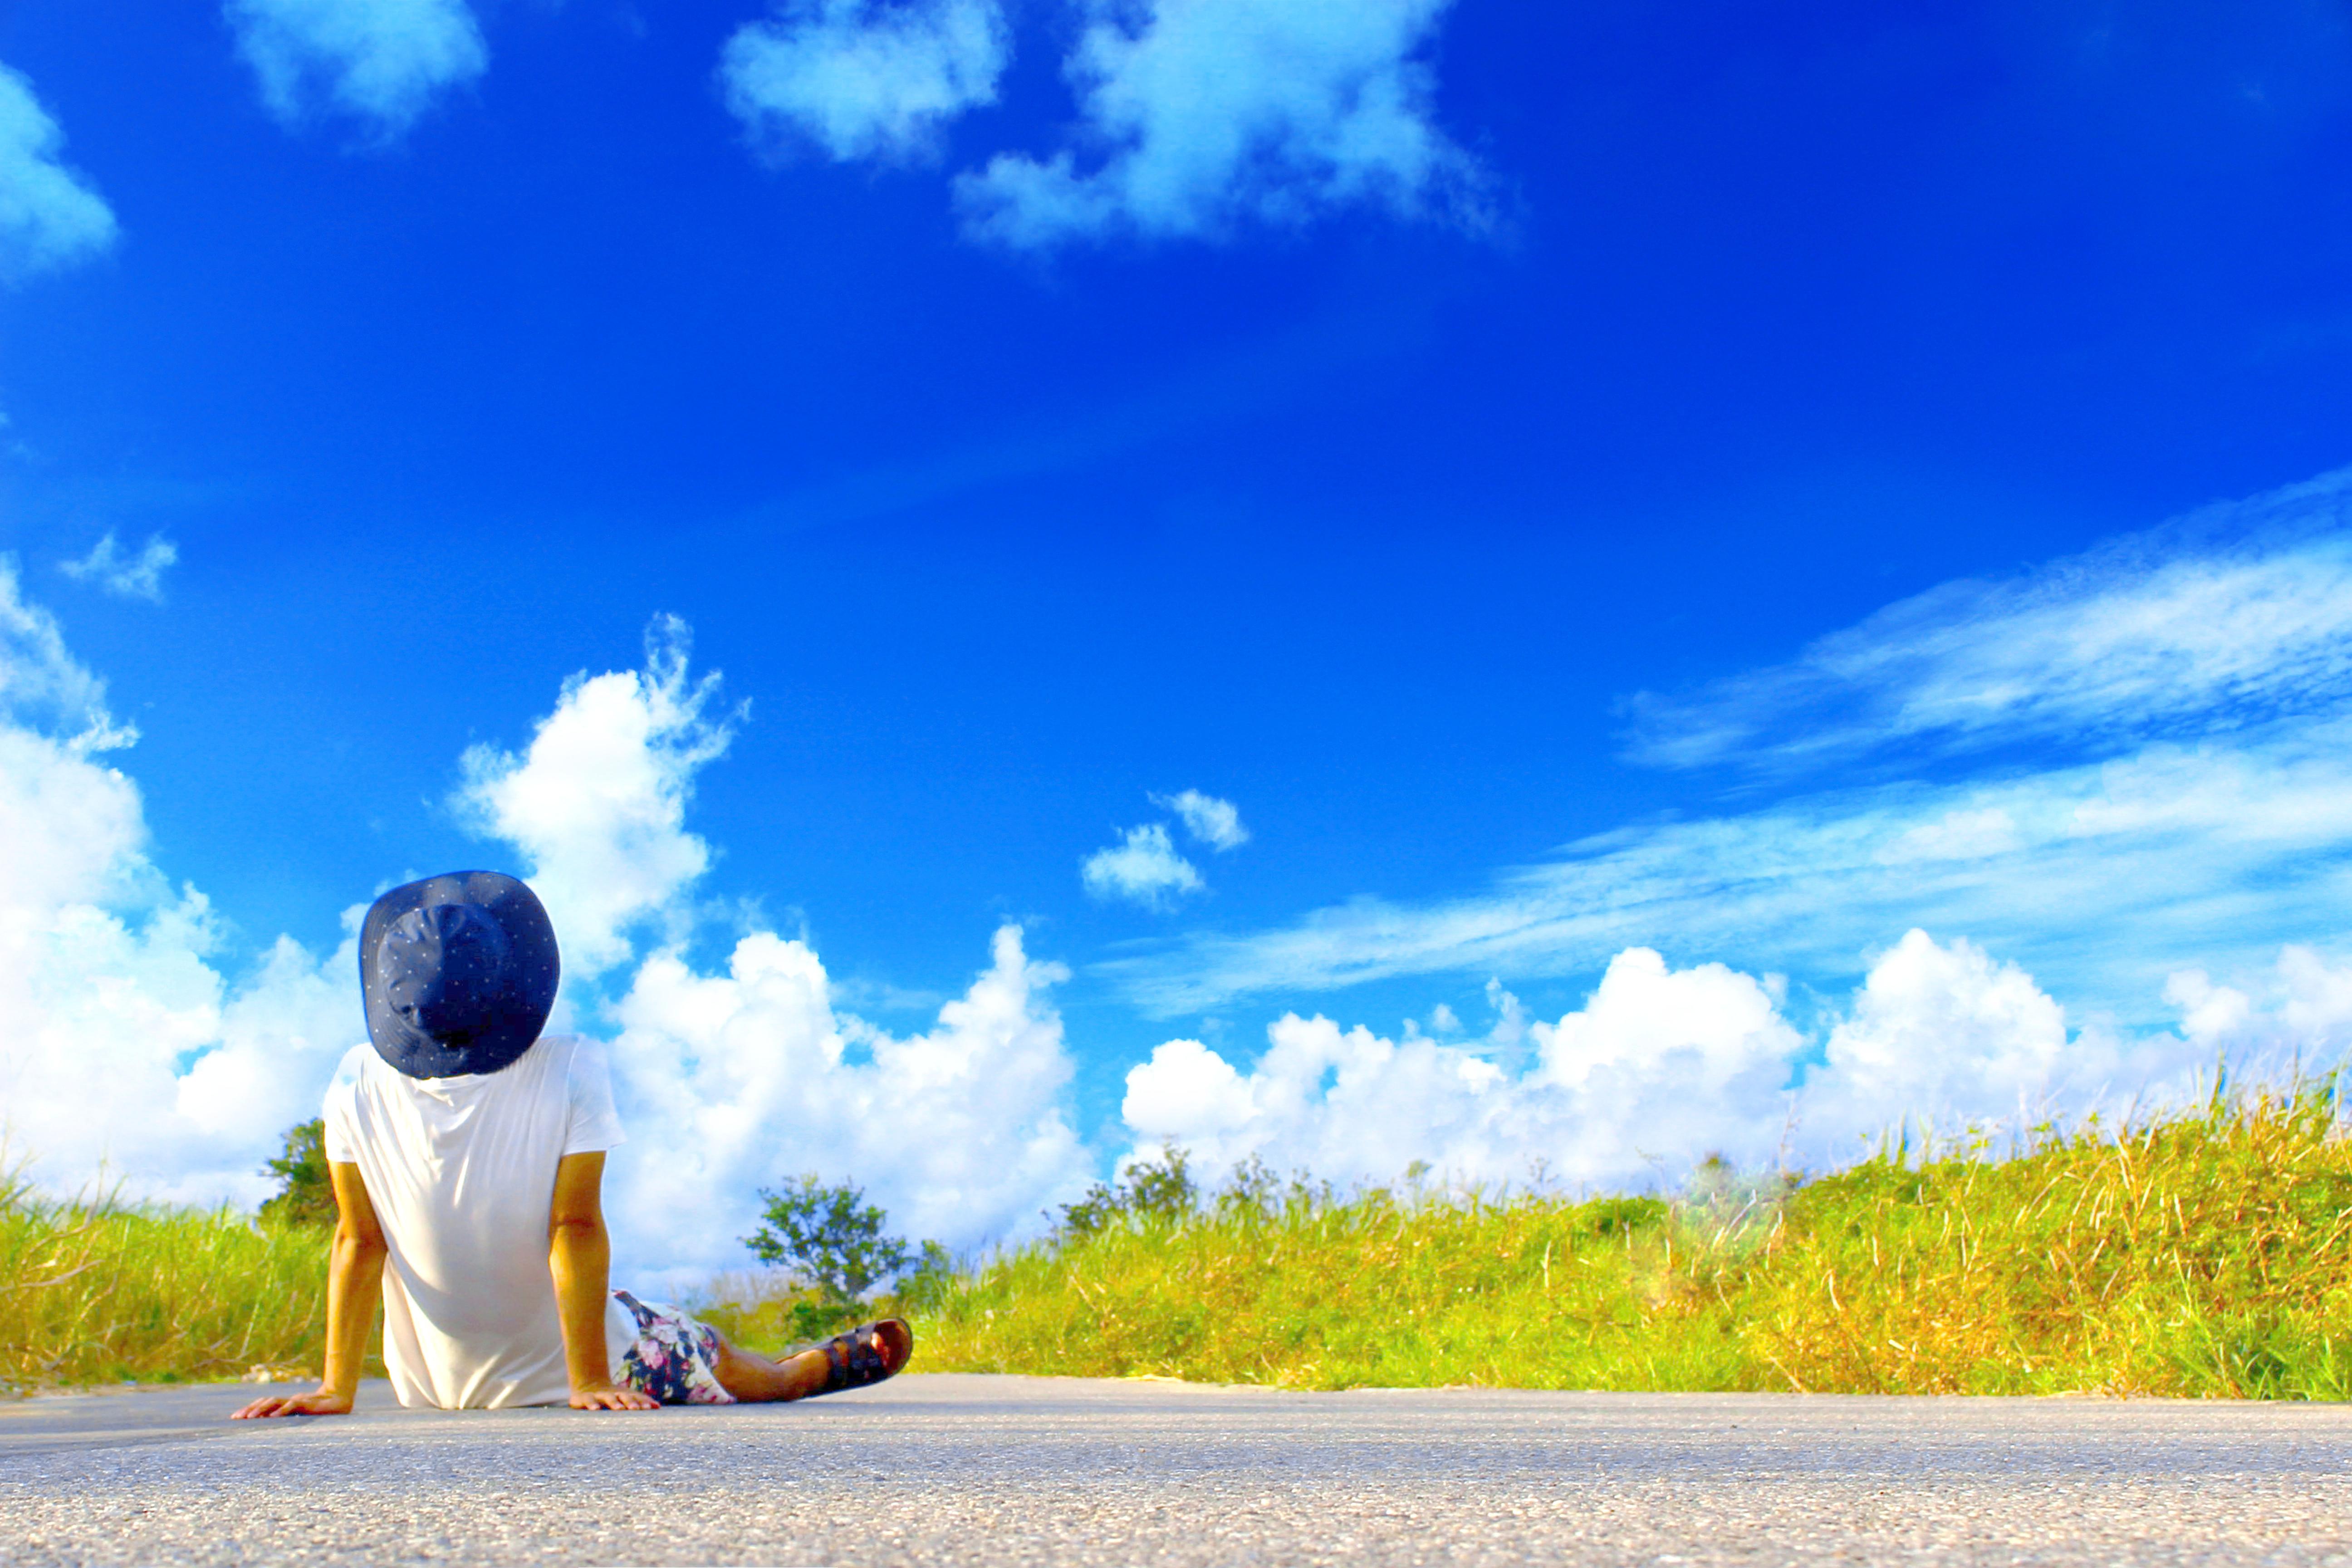 青空を流れていく雲を見ながら、ゆっくり過ごす時間はリフレッシュに最適です!